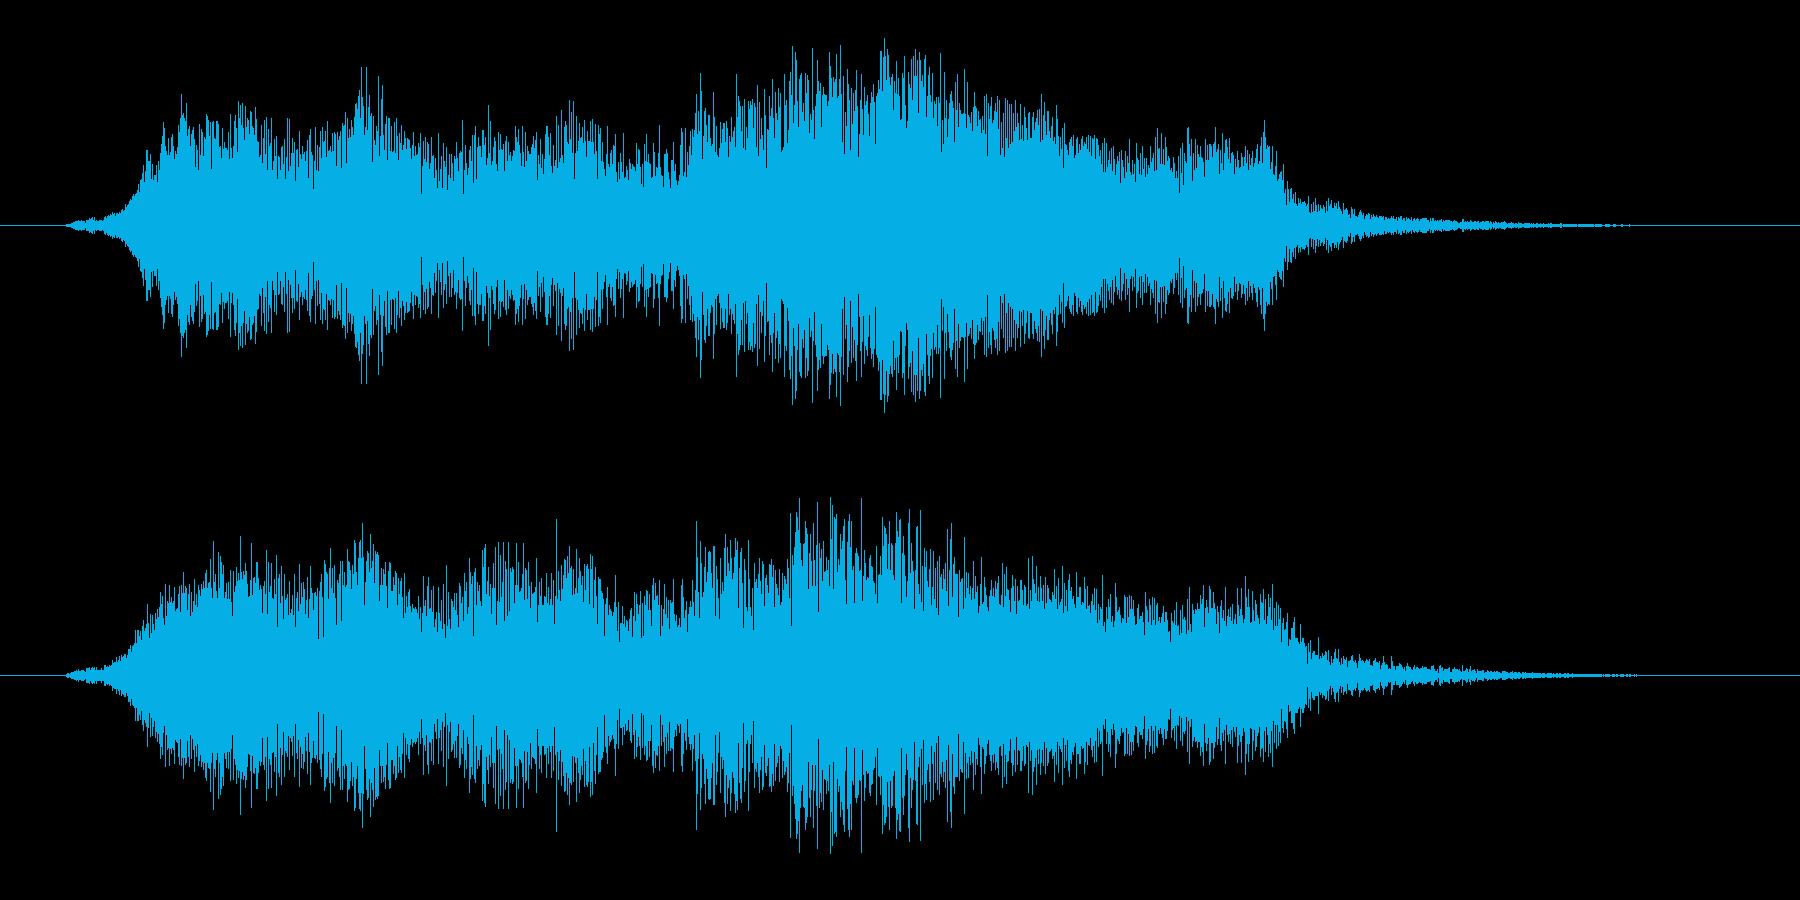 オーケストラのイントロ・タイトルジングルの再生済みの波形